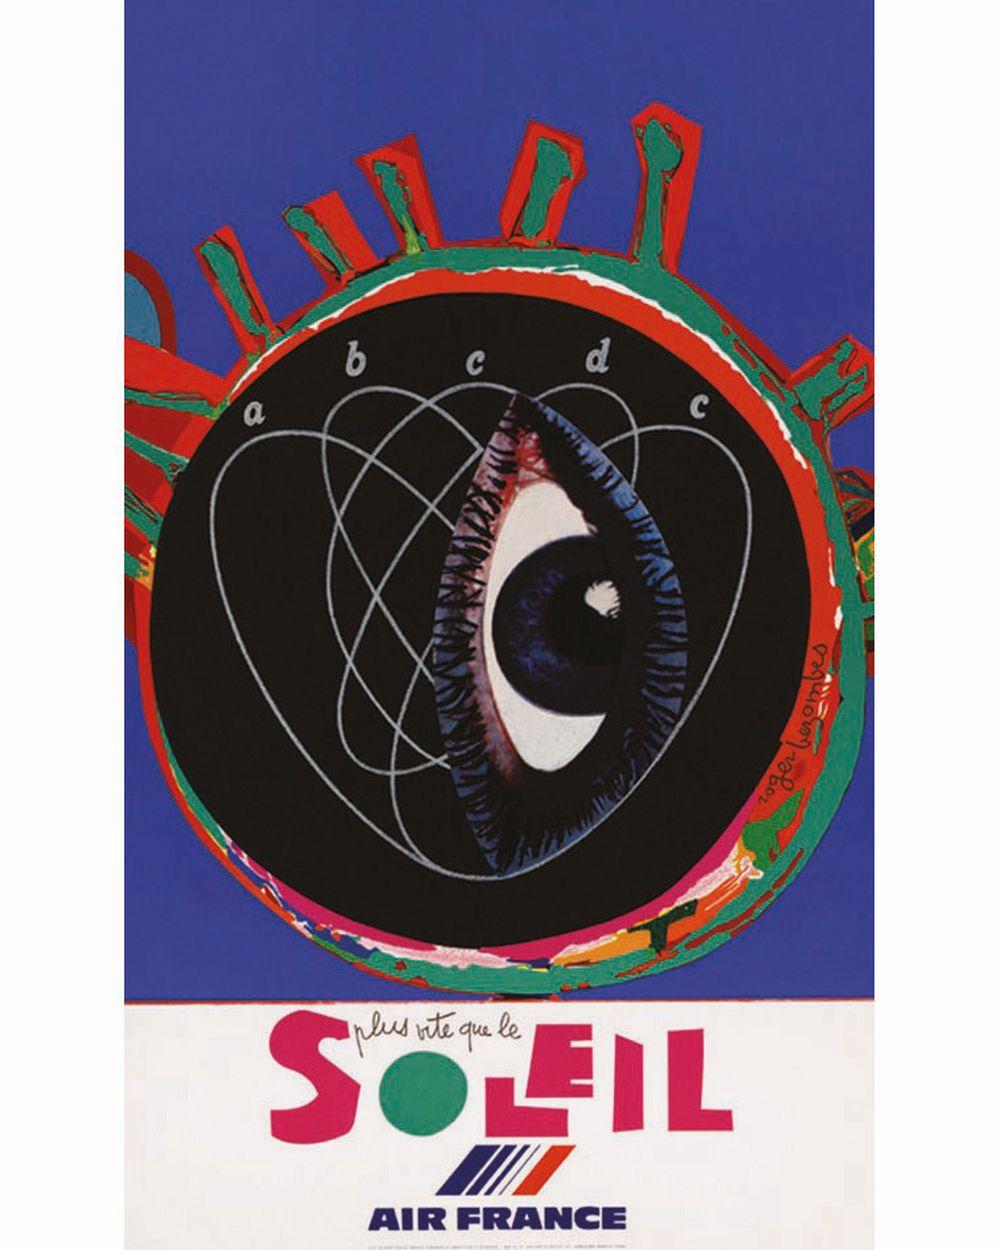 BEZOMBES ROGER - Plus vite que le Soleil Air France -Très rare avec l'Oeil qui s'ouvre sur un BB / Very Rare Eye Open     1981